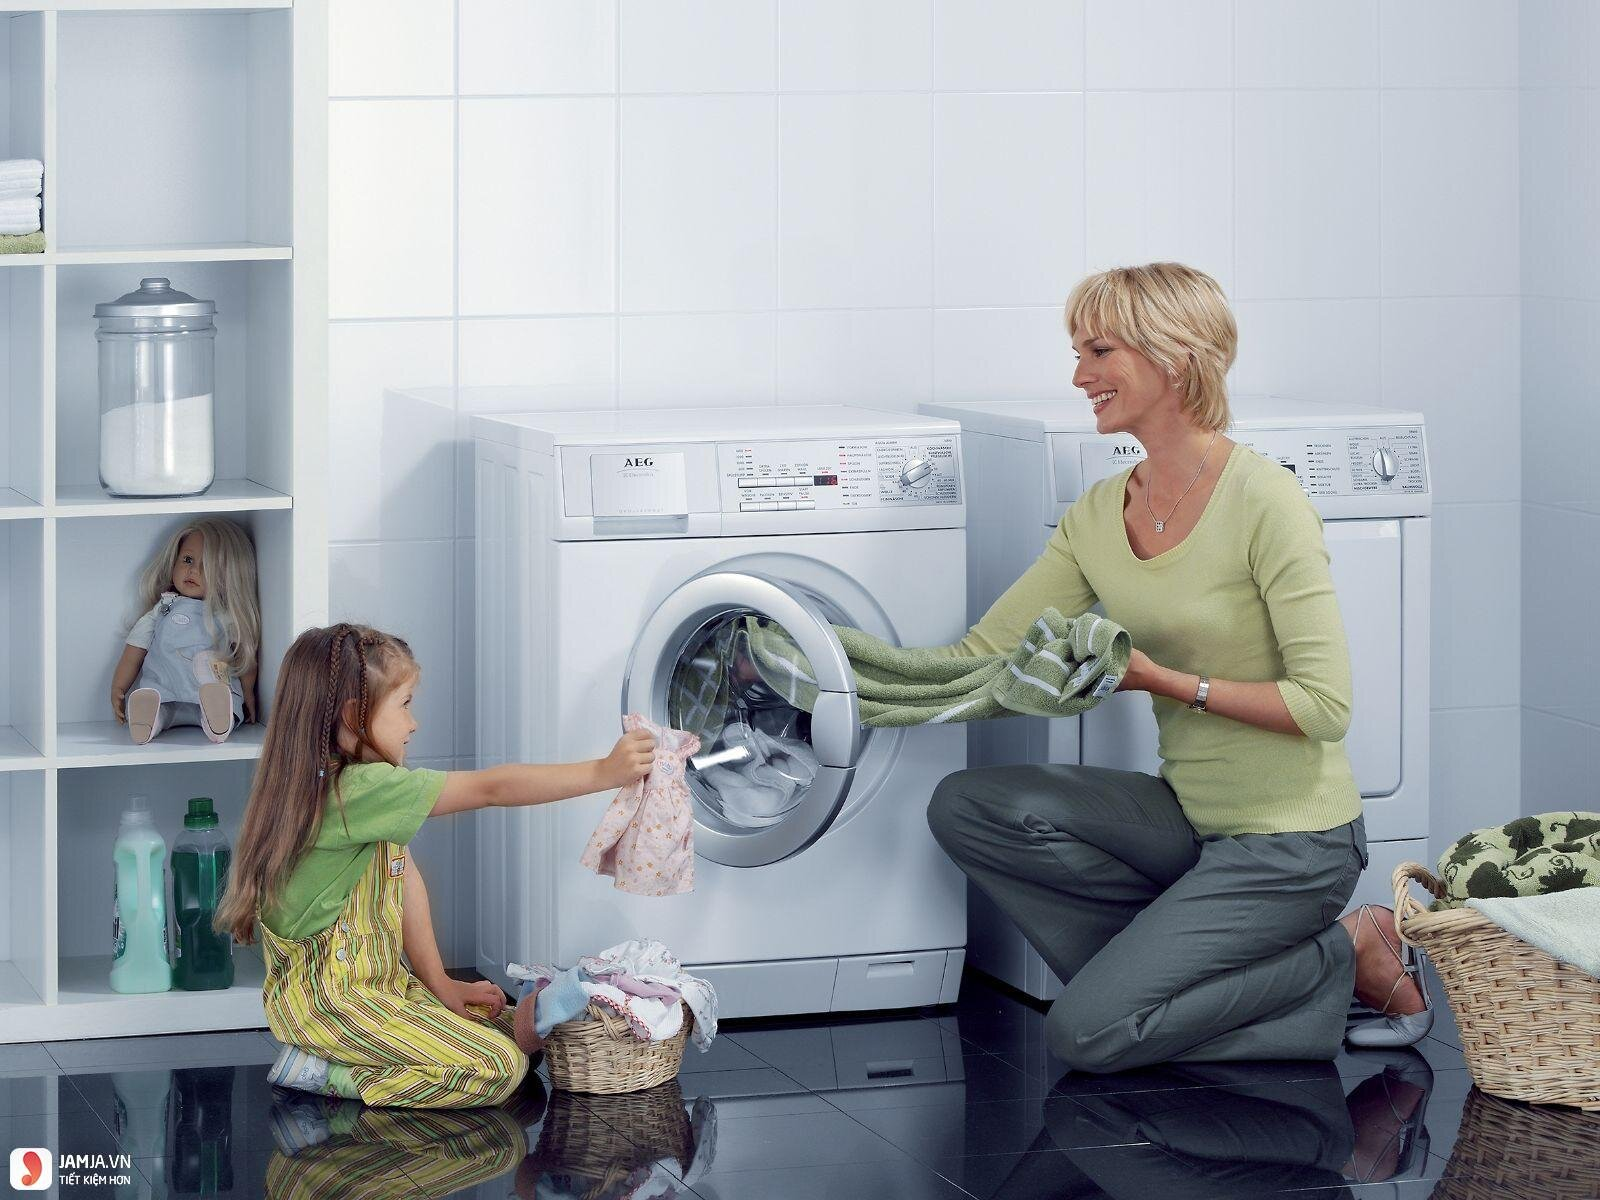 Cần chọn đúng loại máy giặt cửa ngang để bảo vệ máy và tăng hiệu quả làm sạch quần áo